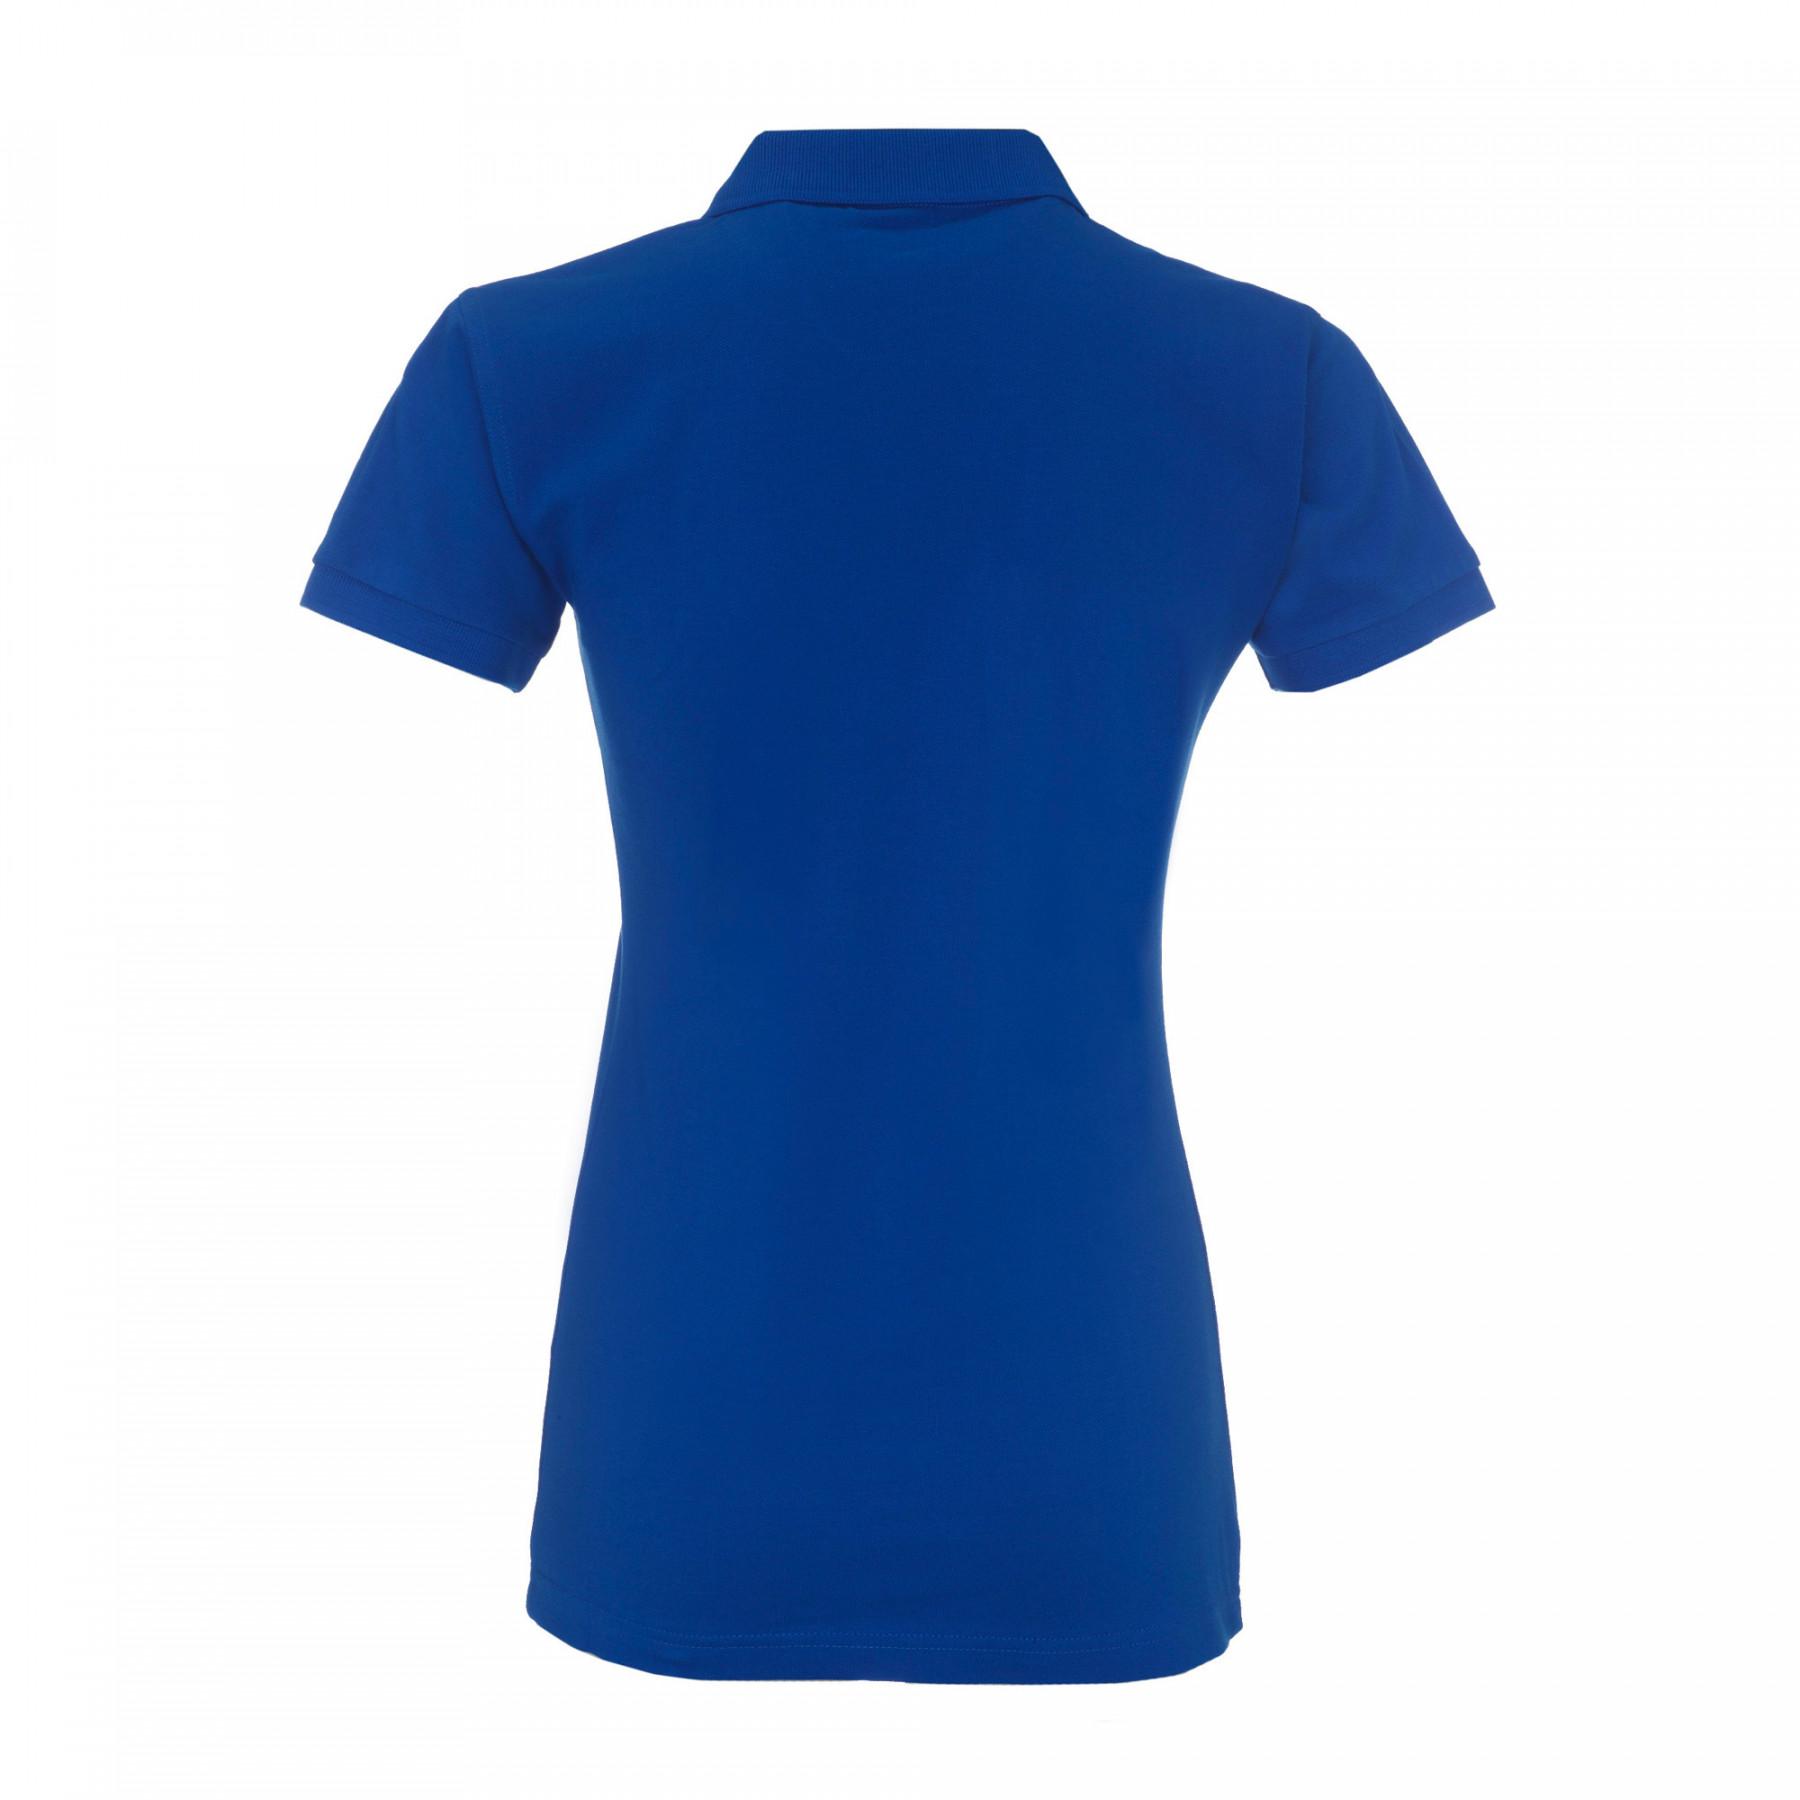 05_dm1d0c_bleu--0-0--2c6103d0-a331-4423-b905-4d2c8faa901d